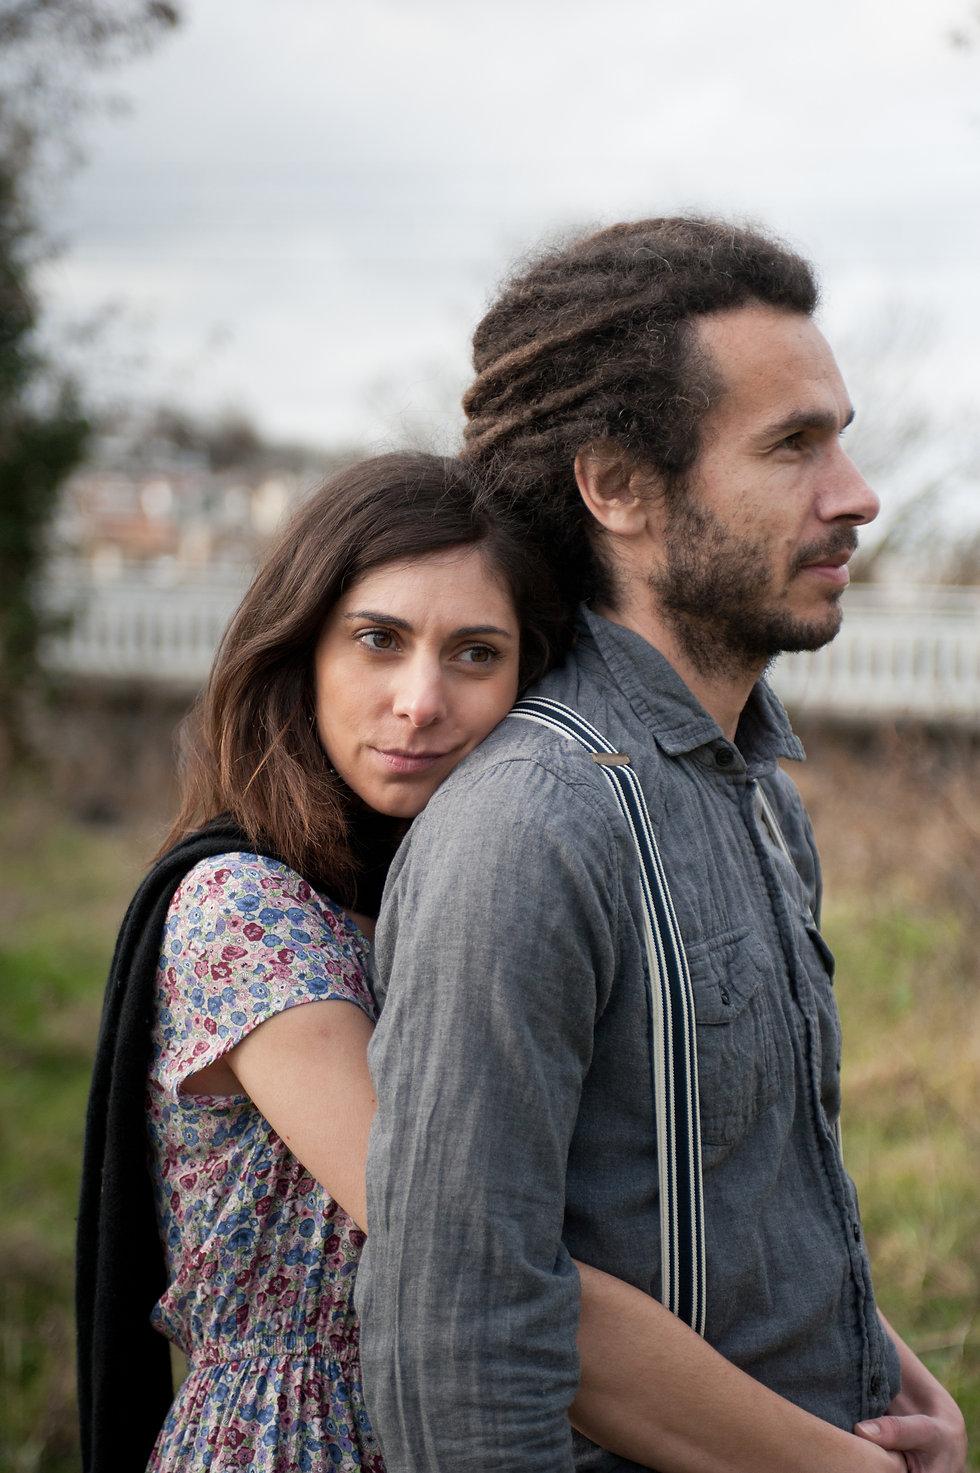 Photo de couple lifestyle en extèrieur friche, gare désaffectée, urbain, tags